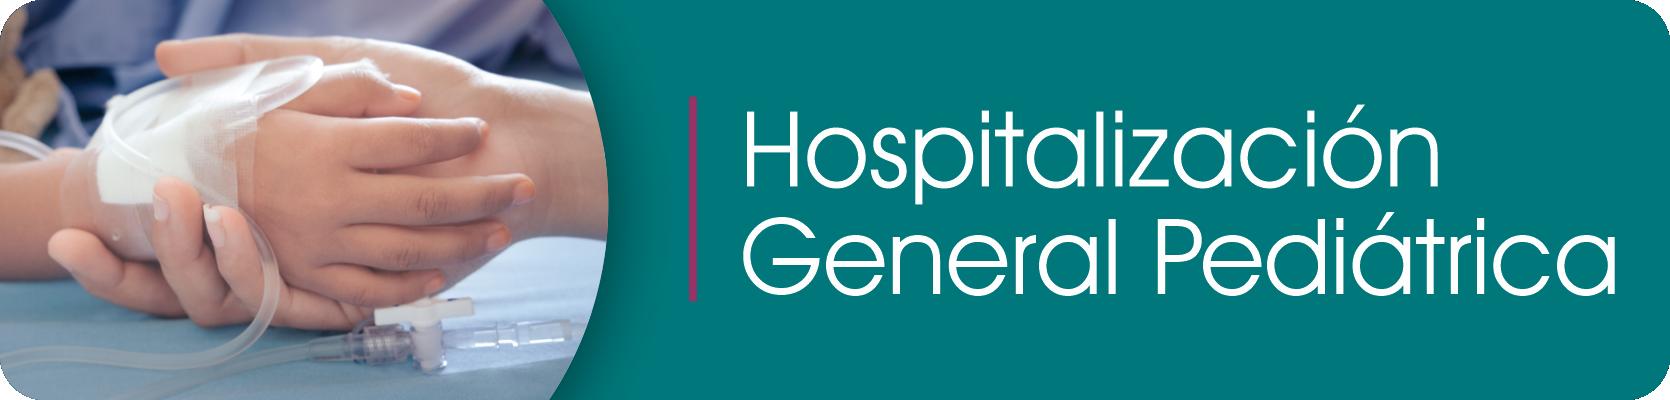 Hospitalización General Pediátrica